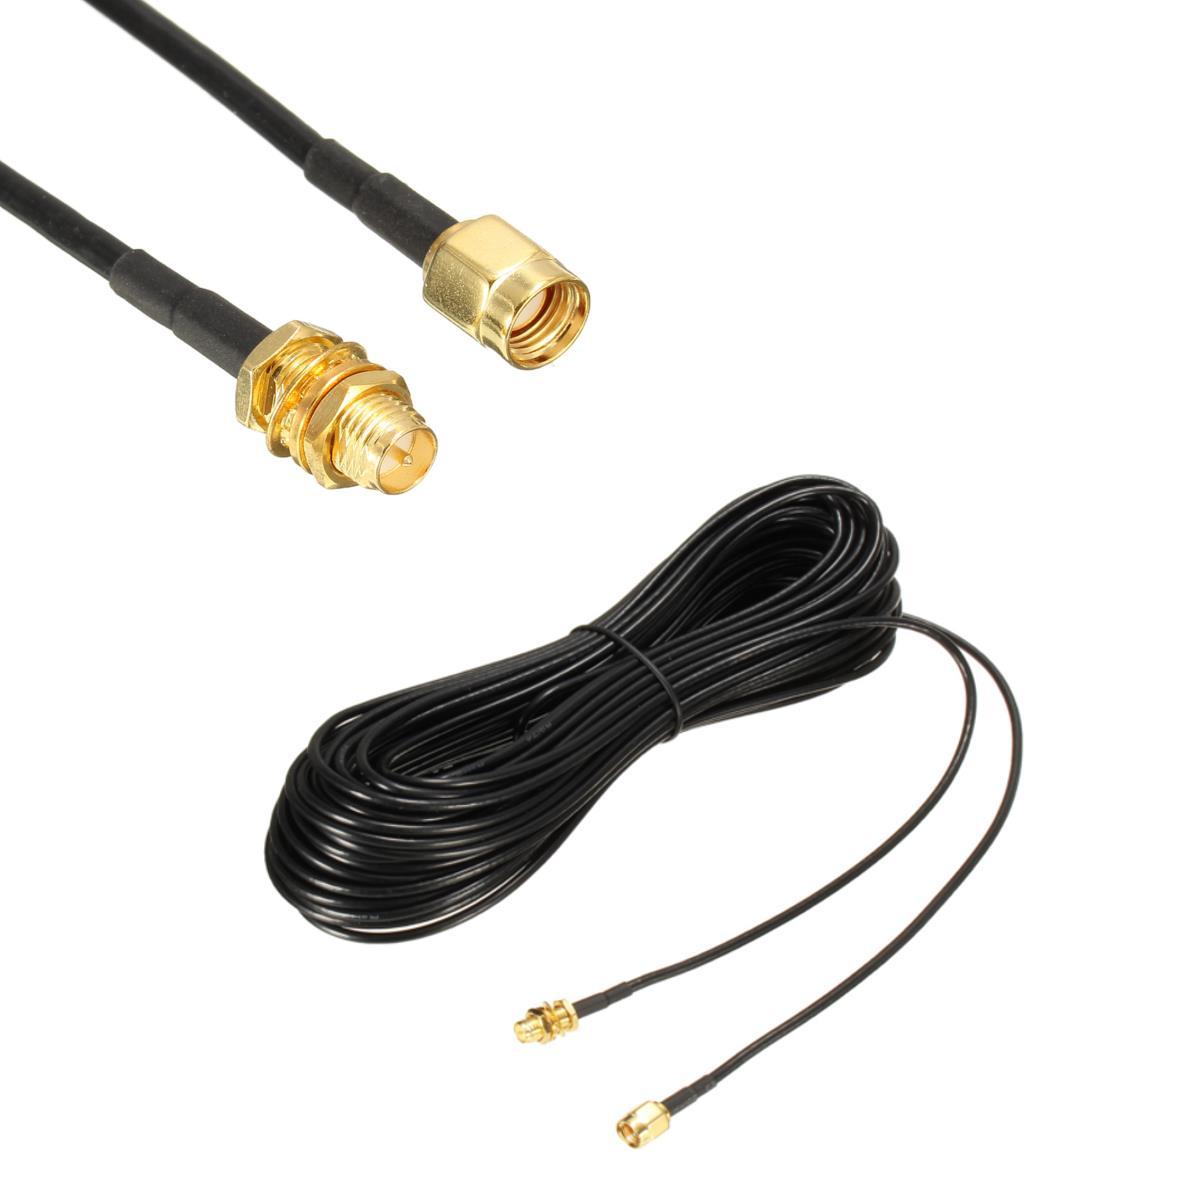 20CM / 1M / 5M / 10M RP-SMA Man-vrouw-verlengkabel voor draadloze antenne